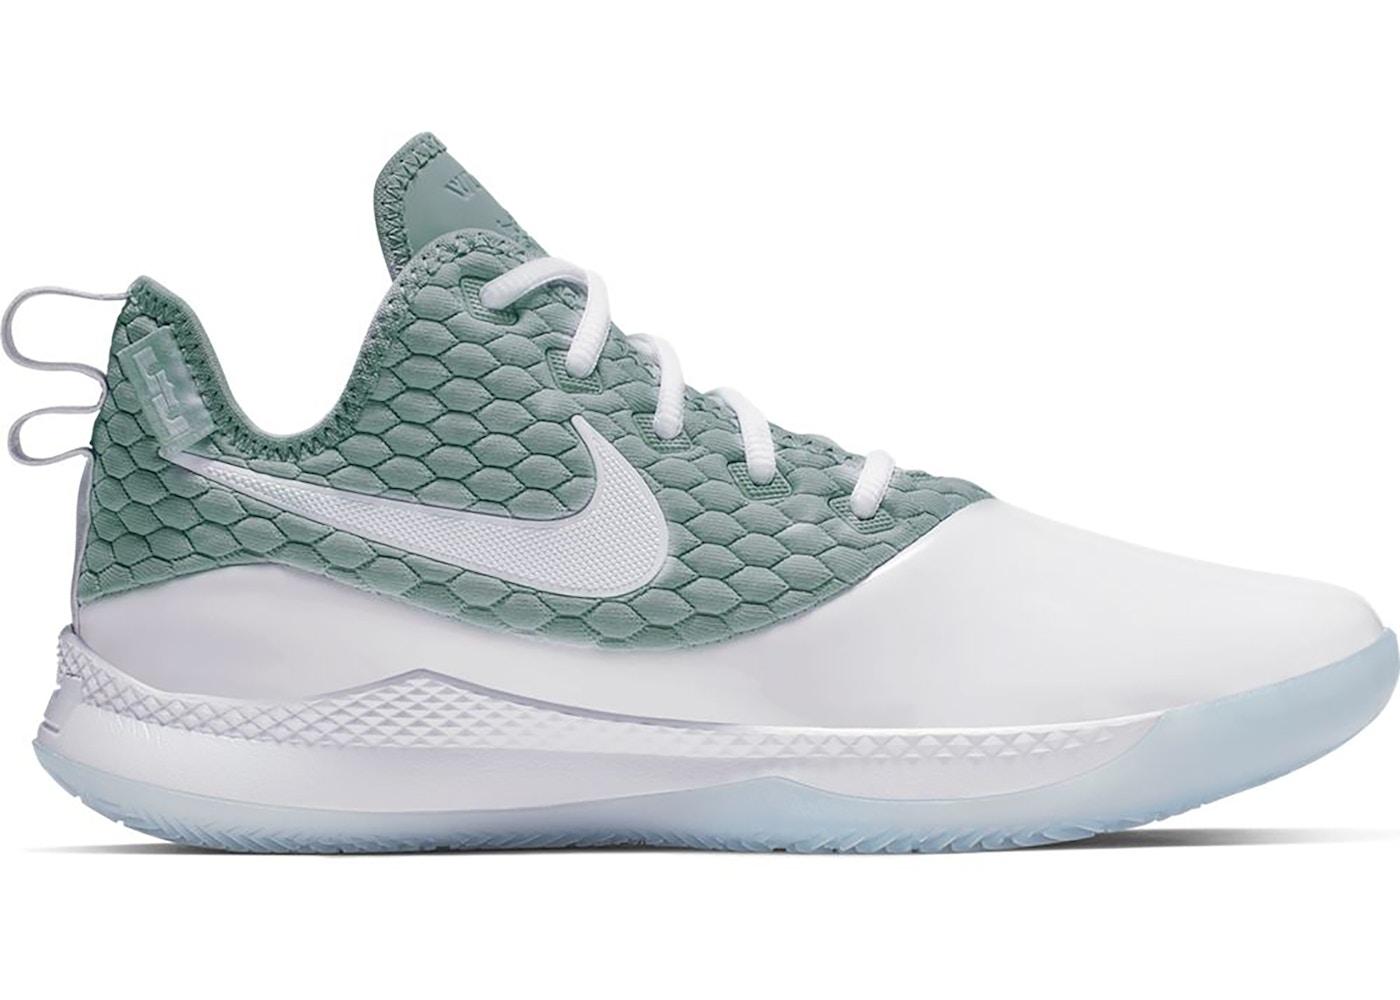 cliente S t financiero  Nike LeBron Witness 3 Wolf Grey - BQ9819-002